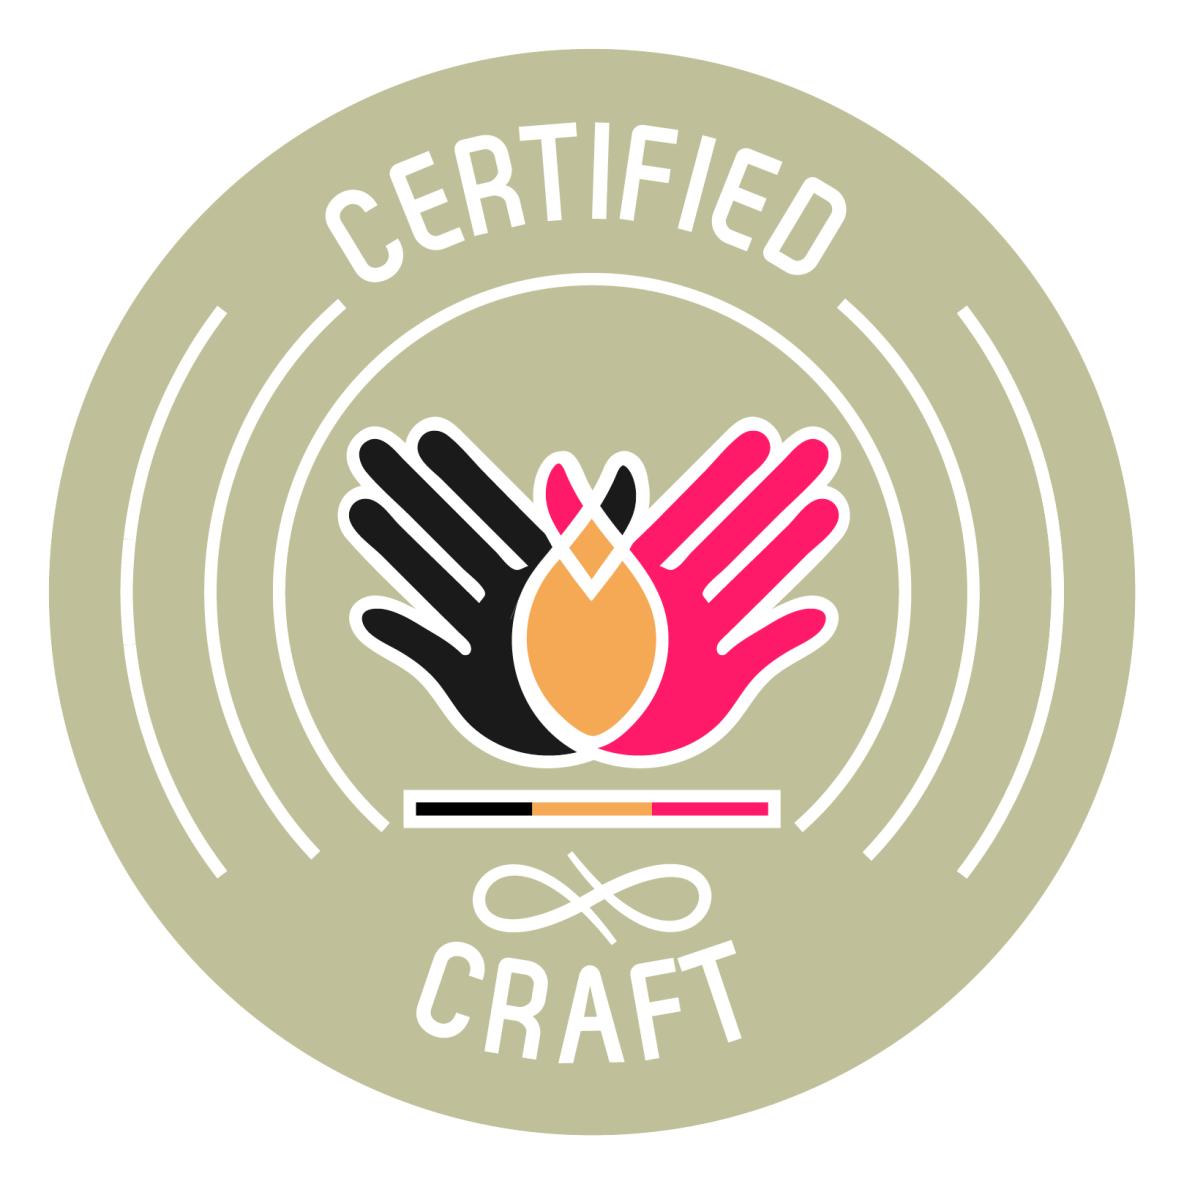 Artisanat Certifié - Achielle website